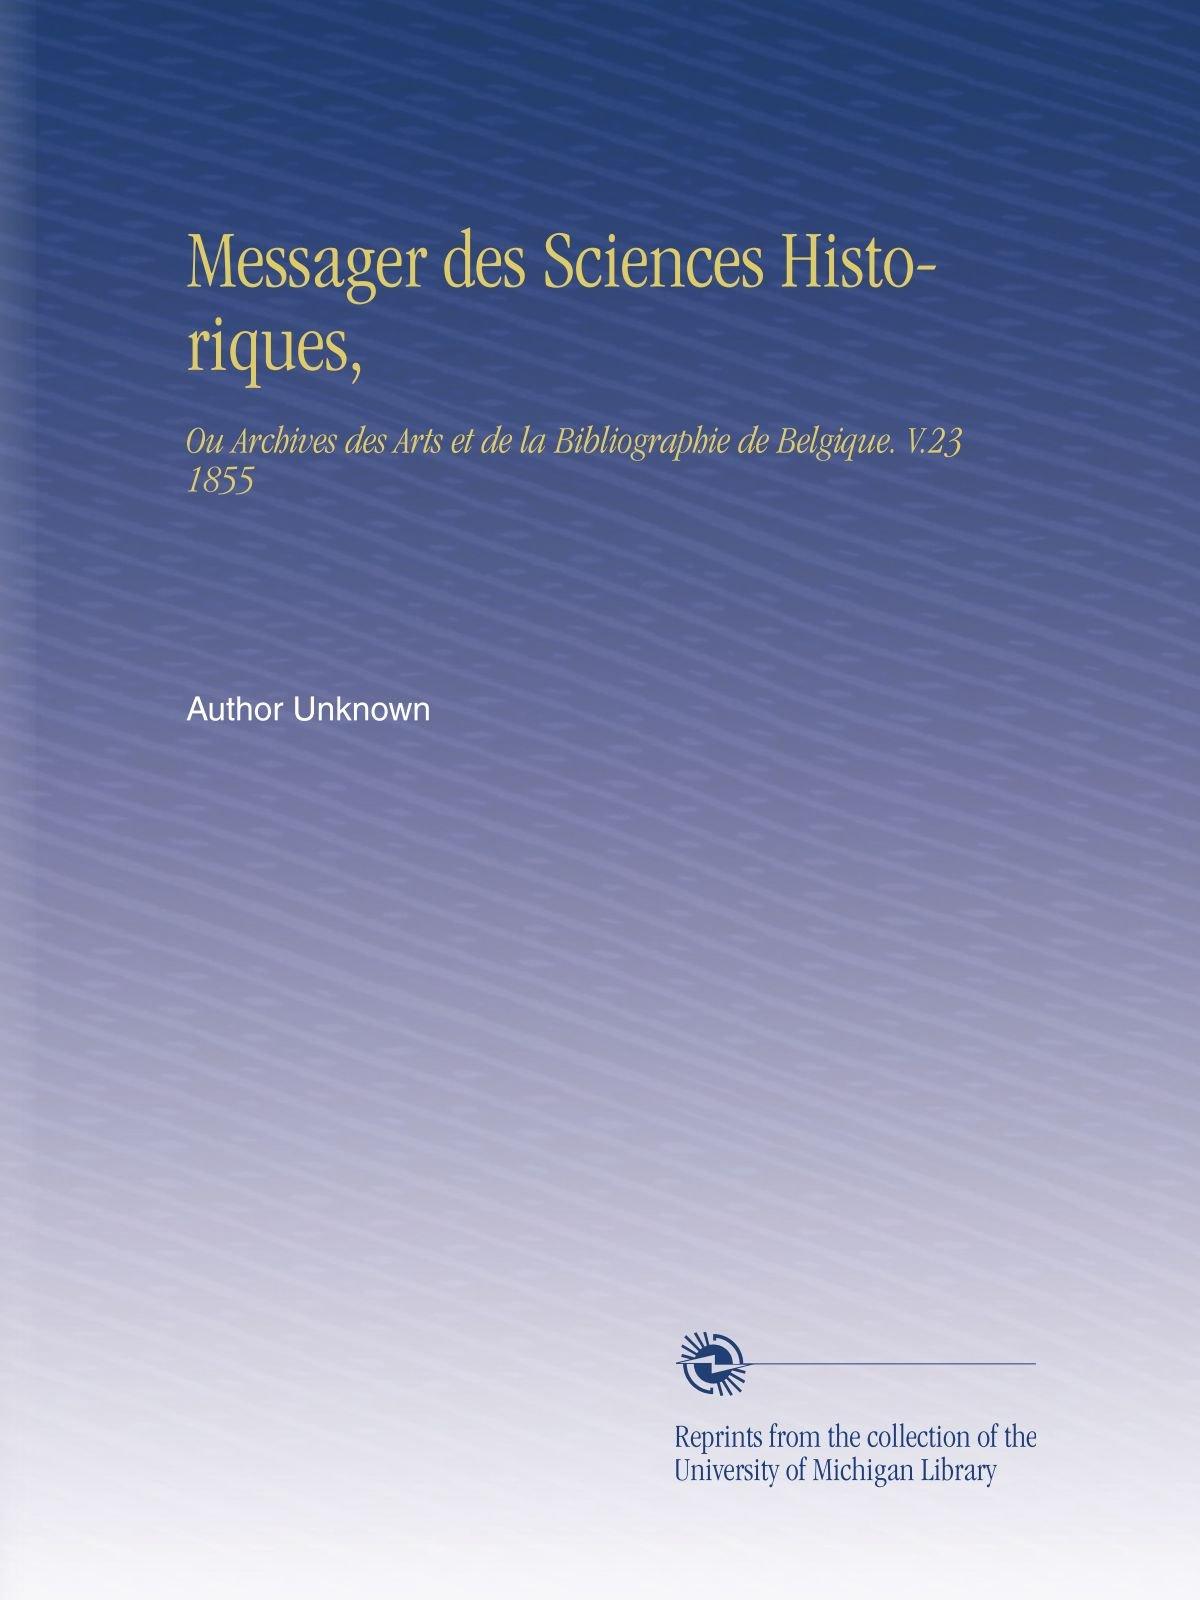 Download Messager des Sciences Historiques,: Ou Archives des Arts et de la Bibliographie de Belgique. V.23 1855 (French Edition) PDF